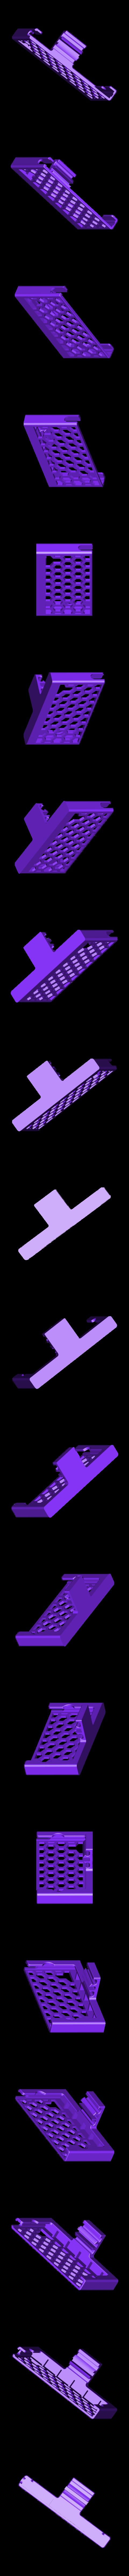 PHONEHOLDER.STL Télécharger fichier STL gratuit gumPhone • Modèle à imprimer en 3D, Boyvard